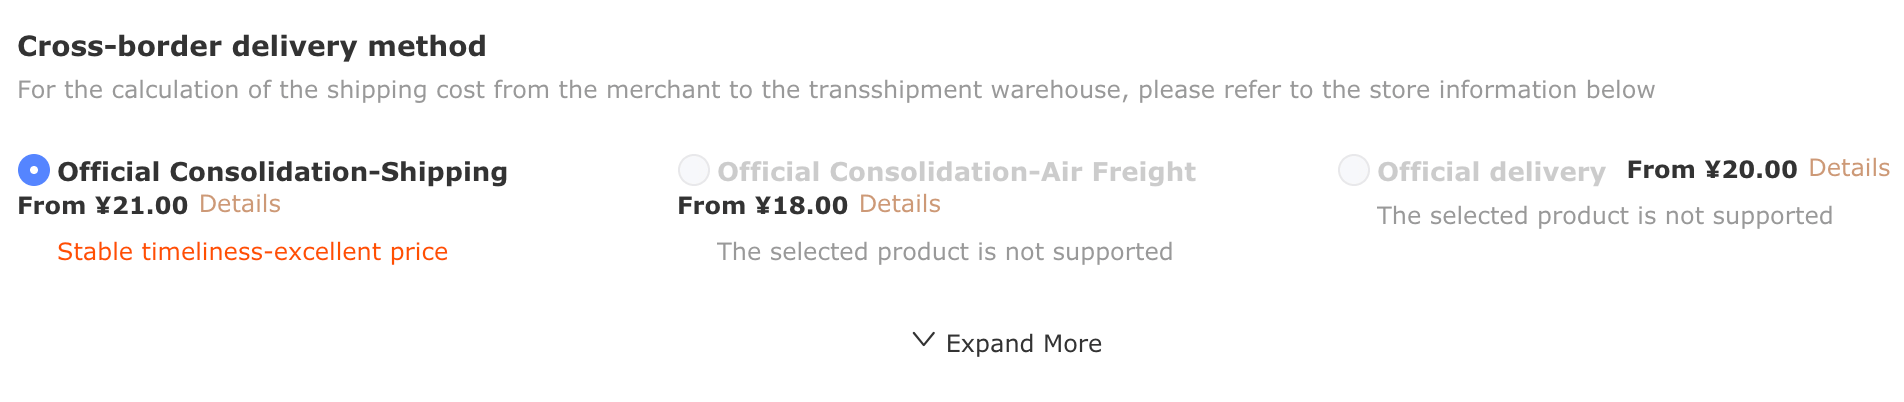 step 4 shipment